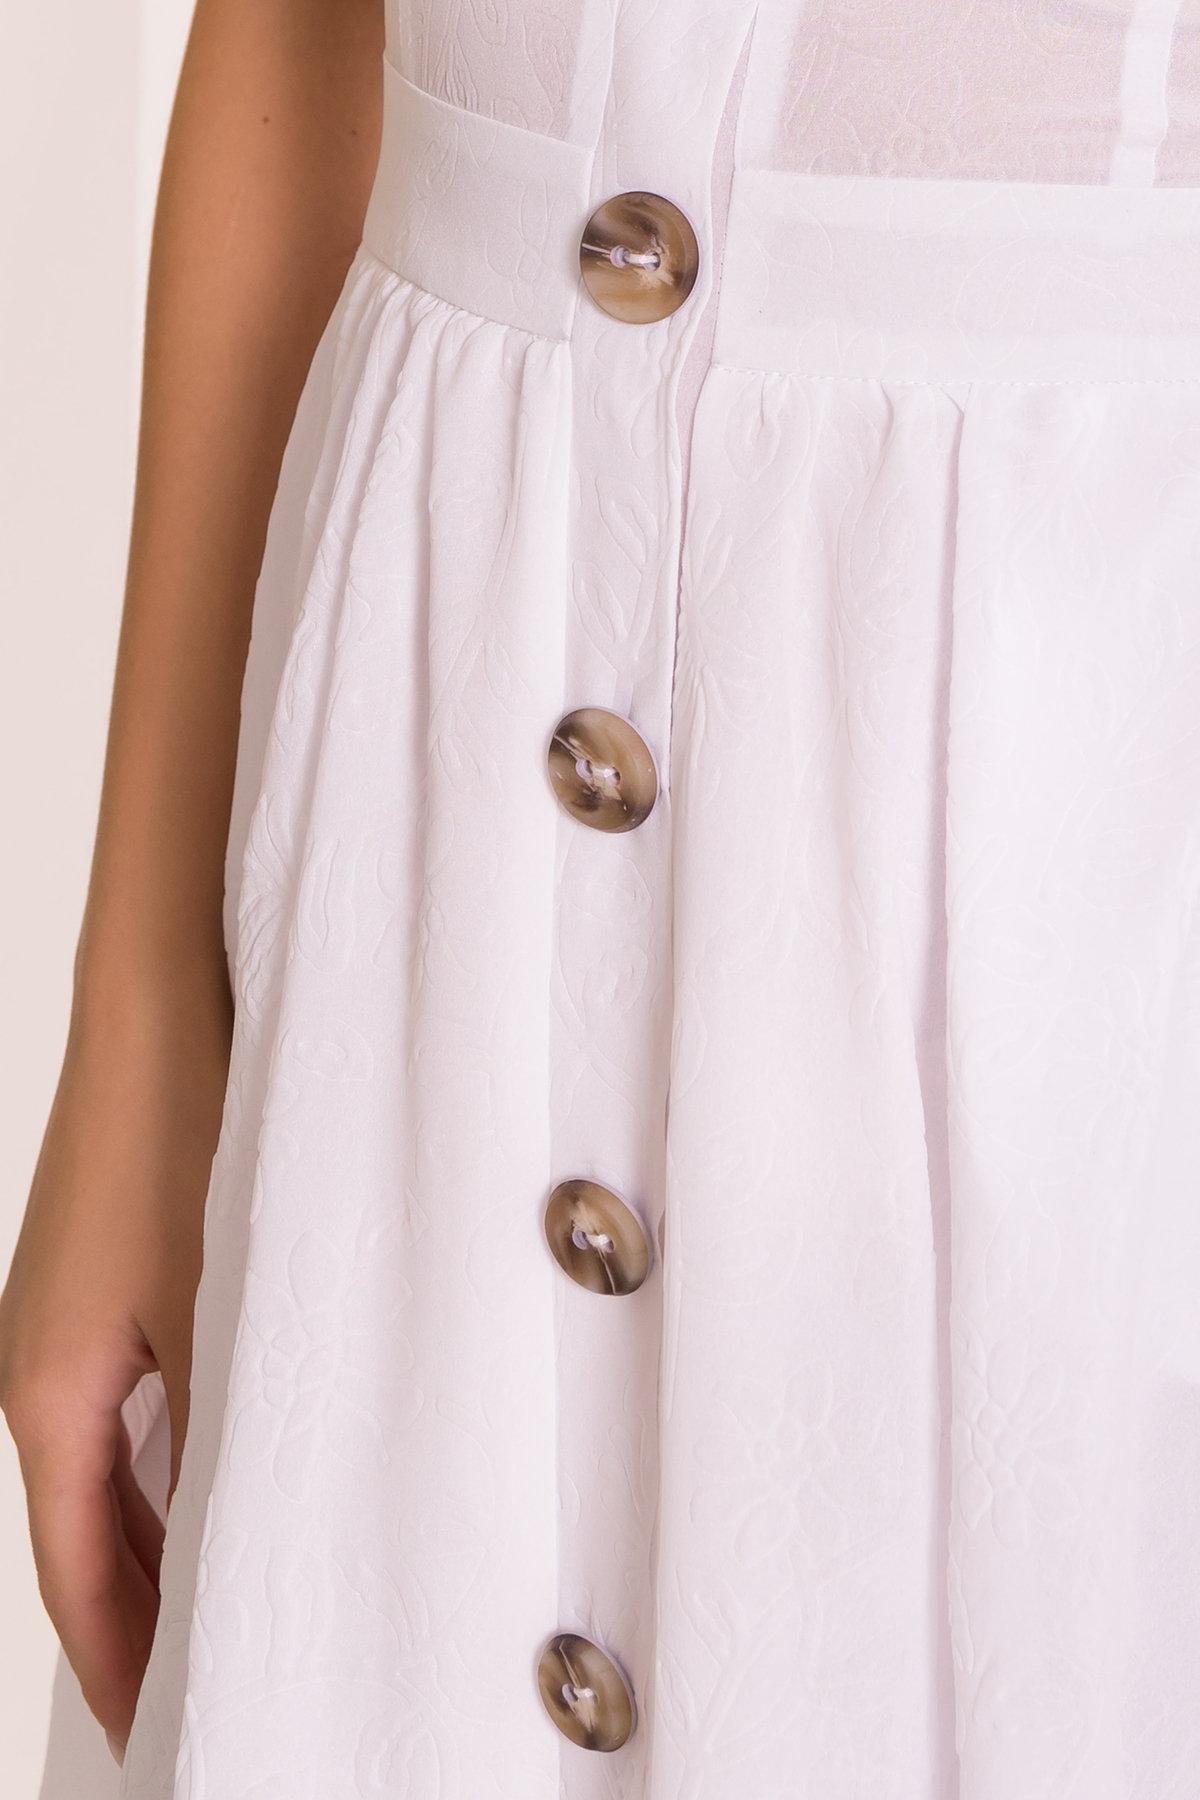 Платье Ундина 7587 АРТ. 43530 Цвет: Белый - фото 4, интернет магазин tm-modus.ru